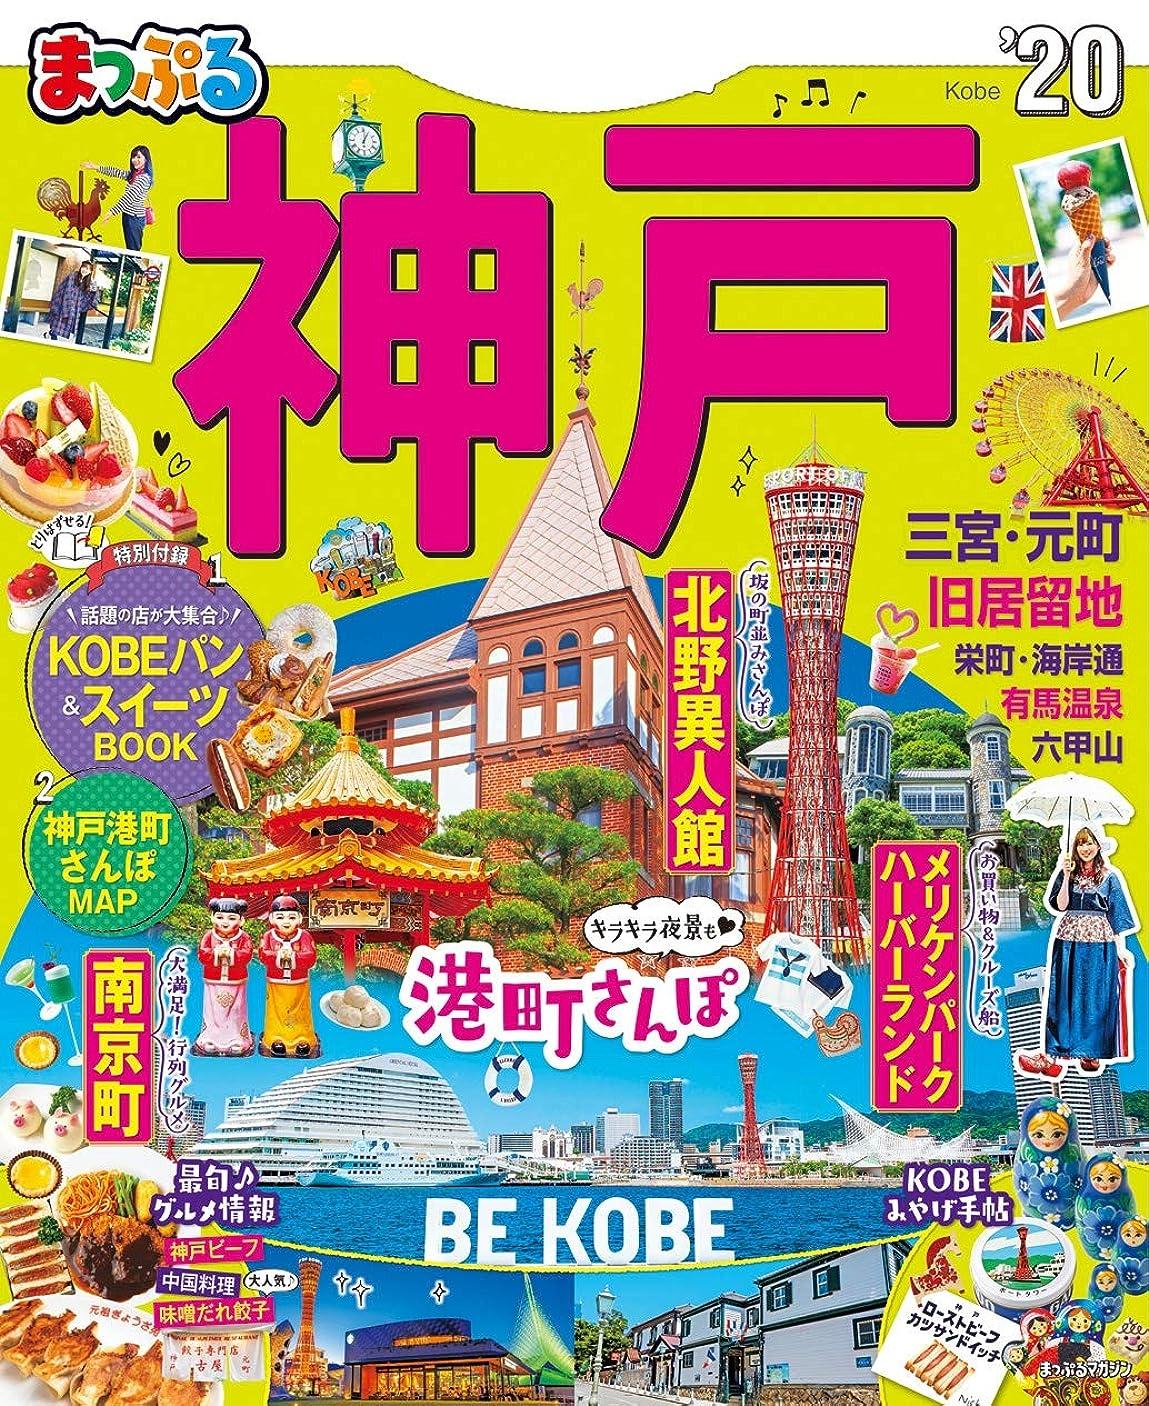 葡萄電極性能まっぷる 神戸'20